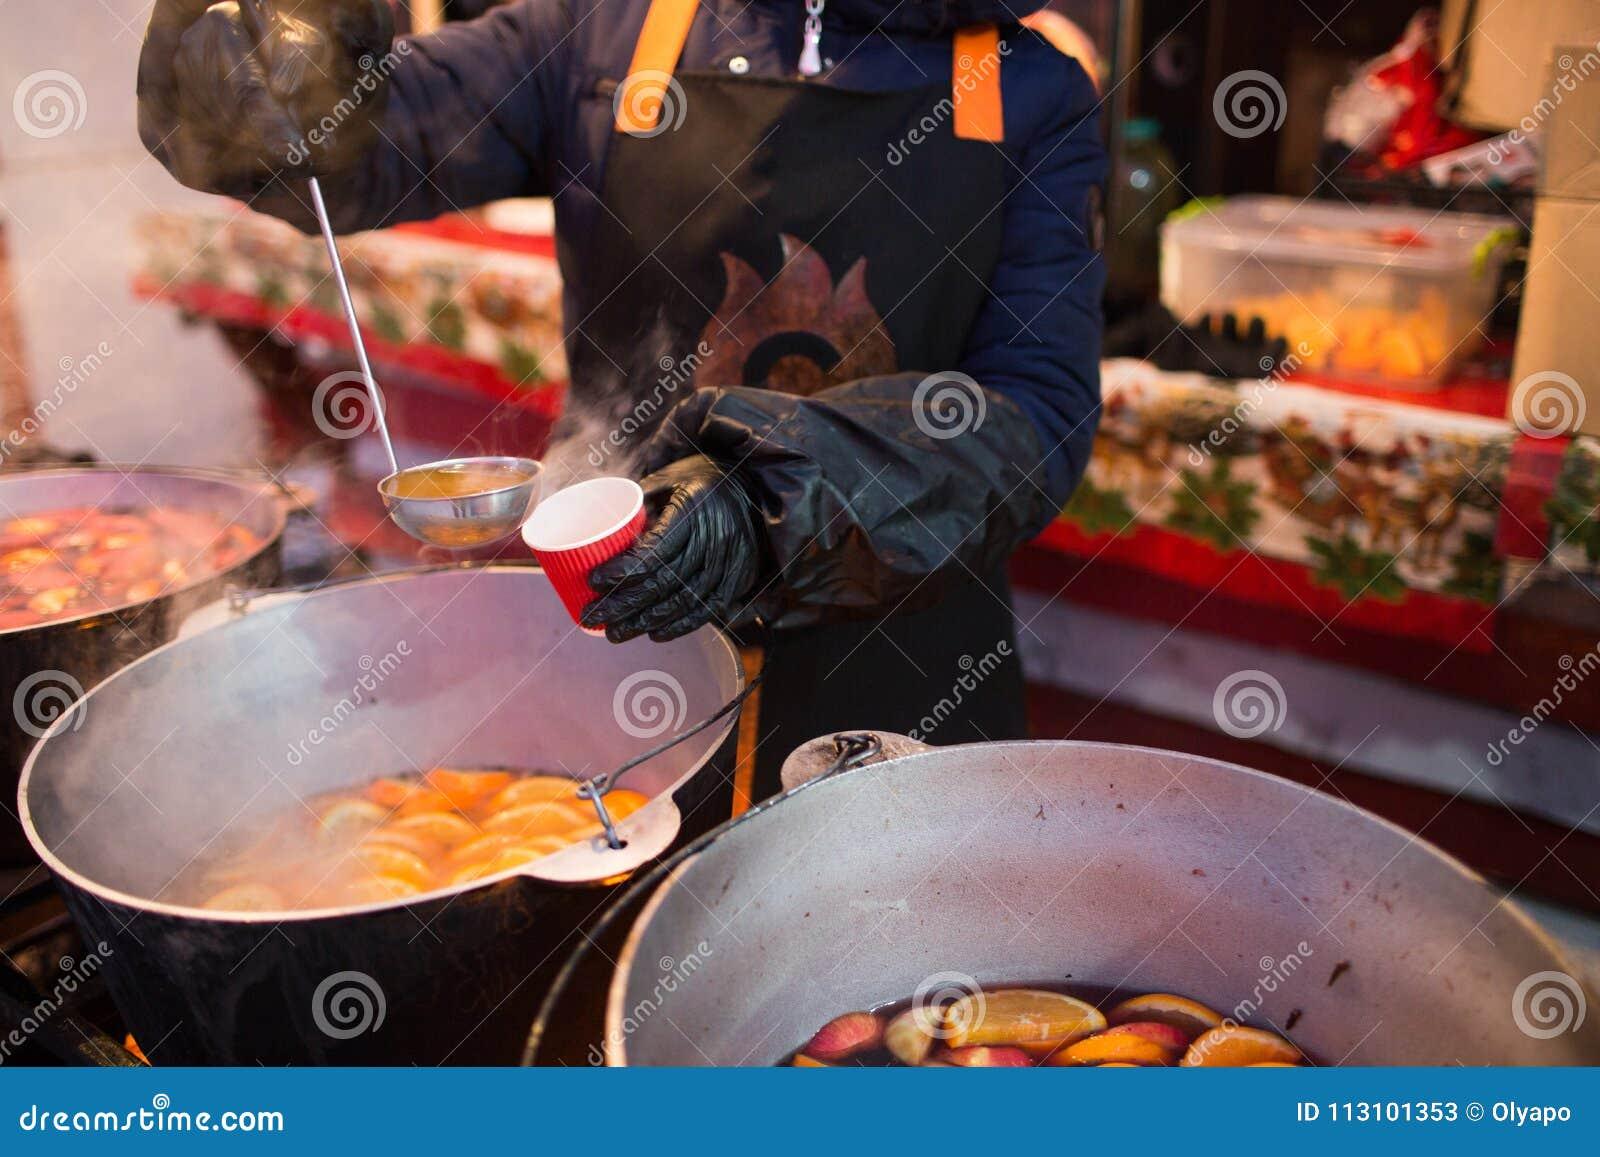 Hete gluhwein of overwogen wijn in een ketel bij eerlijke, lokale traktatie, warm en kruidig Een hete gezonde traditionele citrus